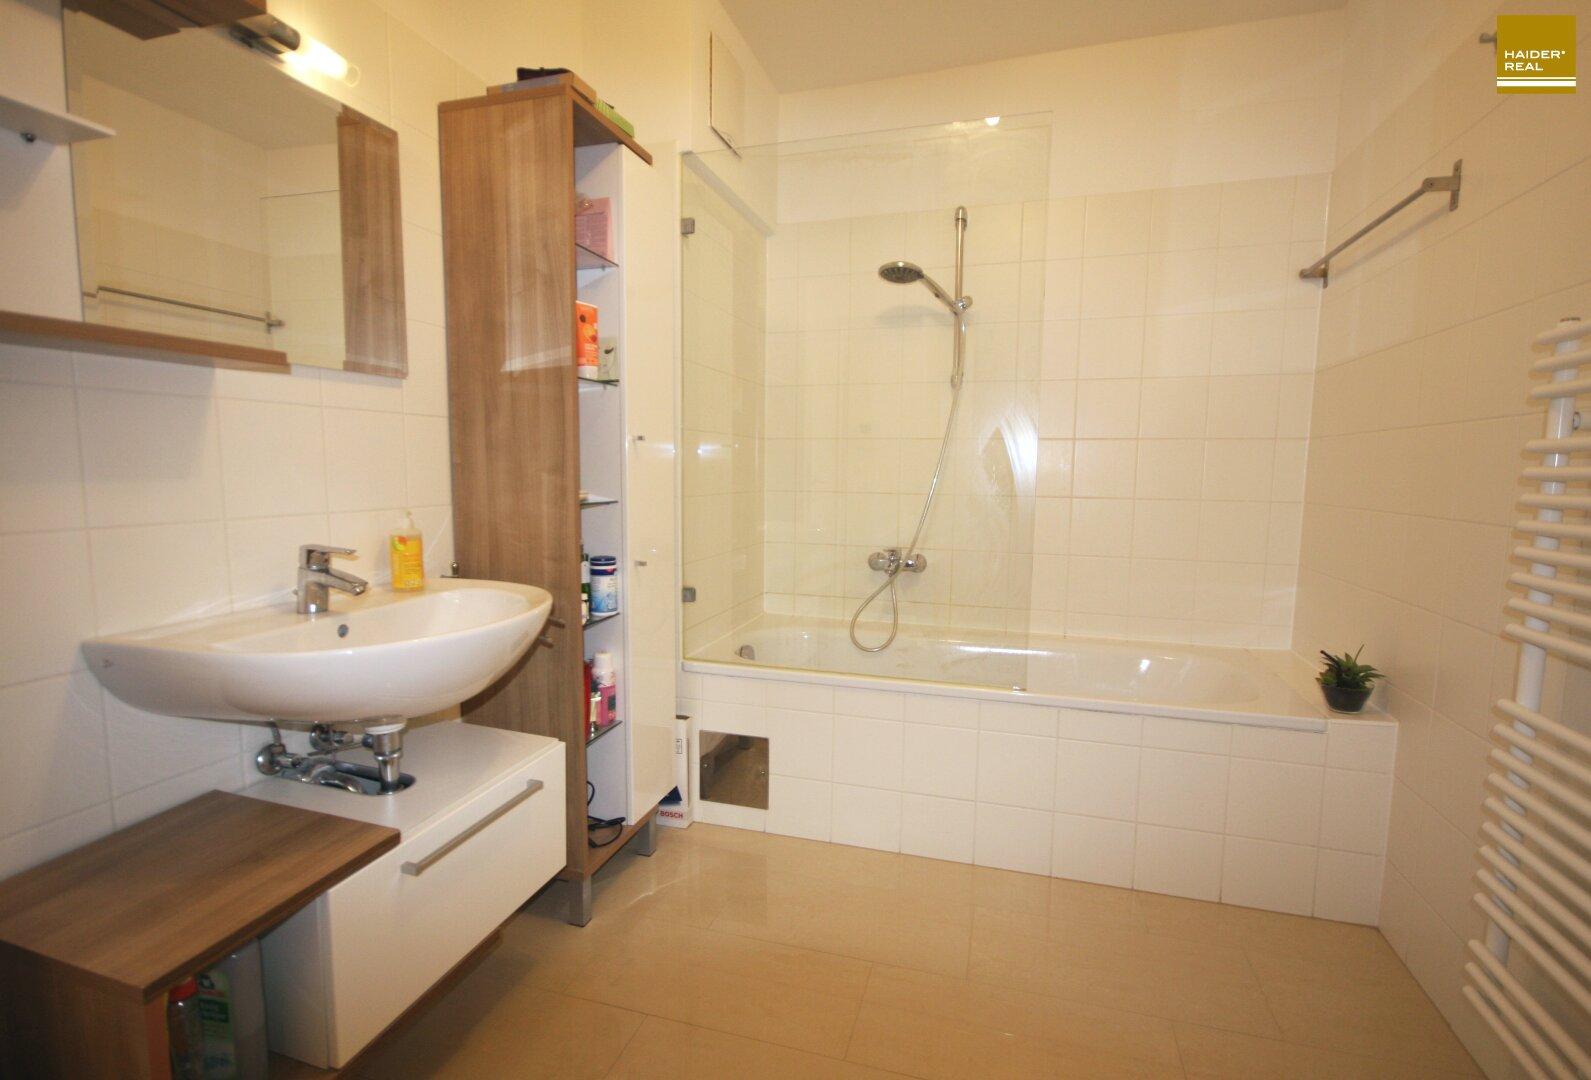 Bad 8,9 m² mit Badewanne und WM-Anschluss